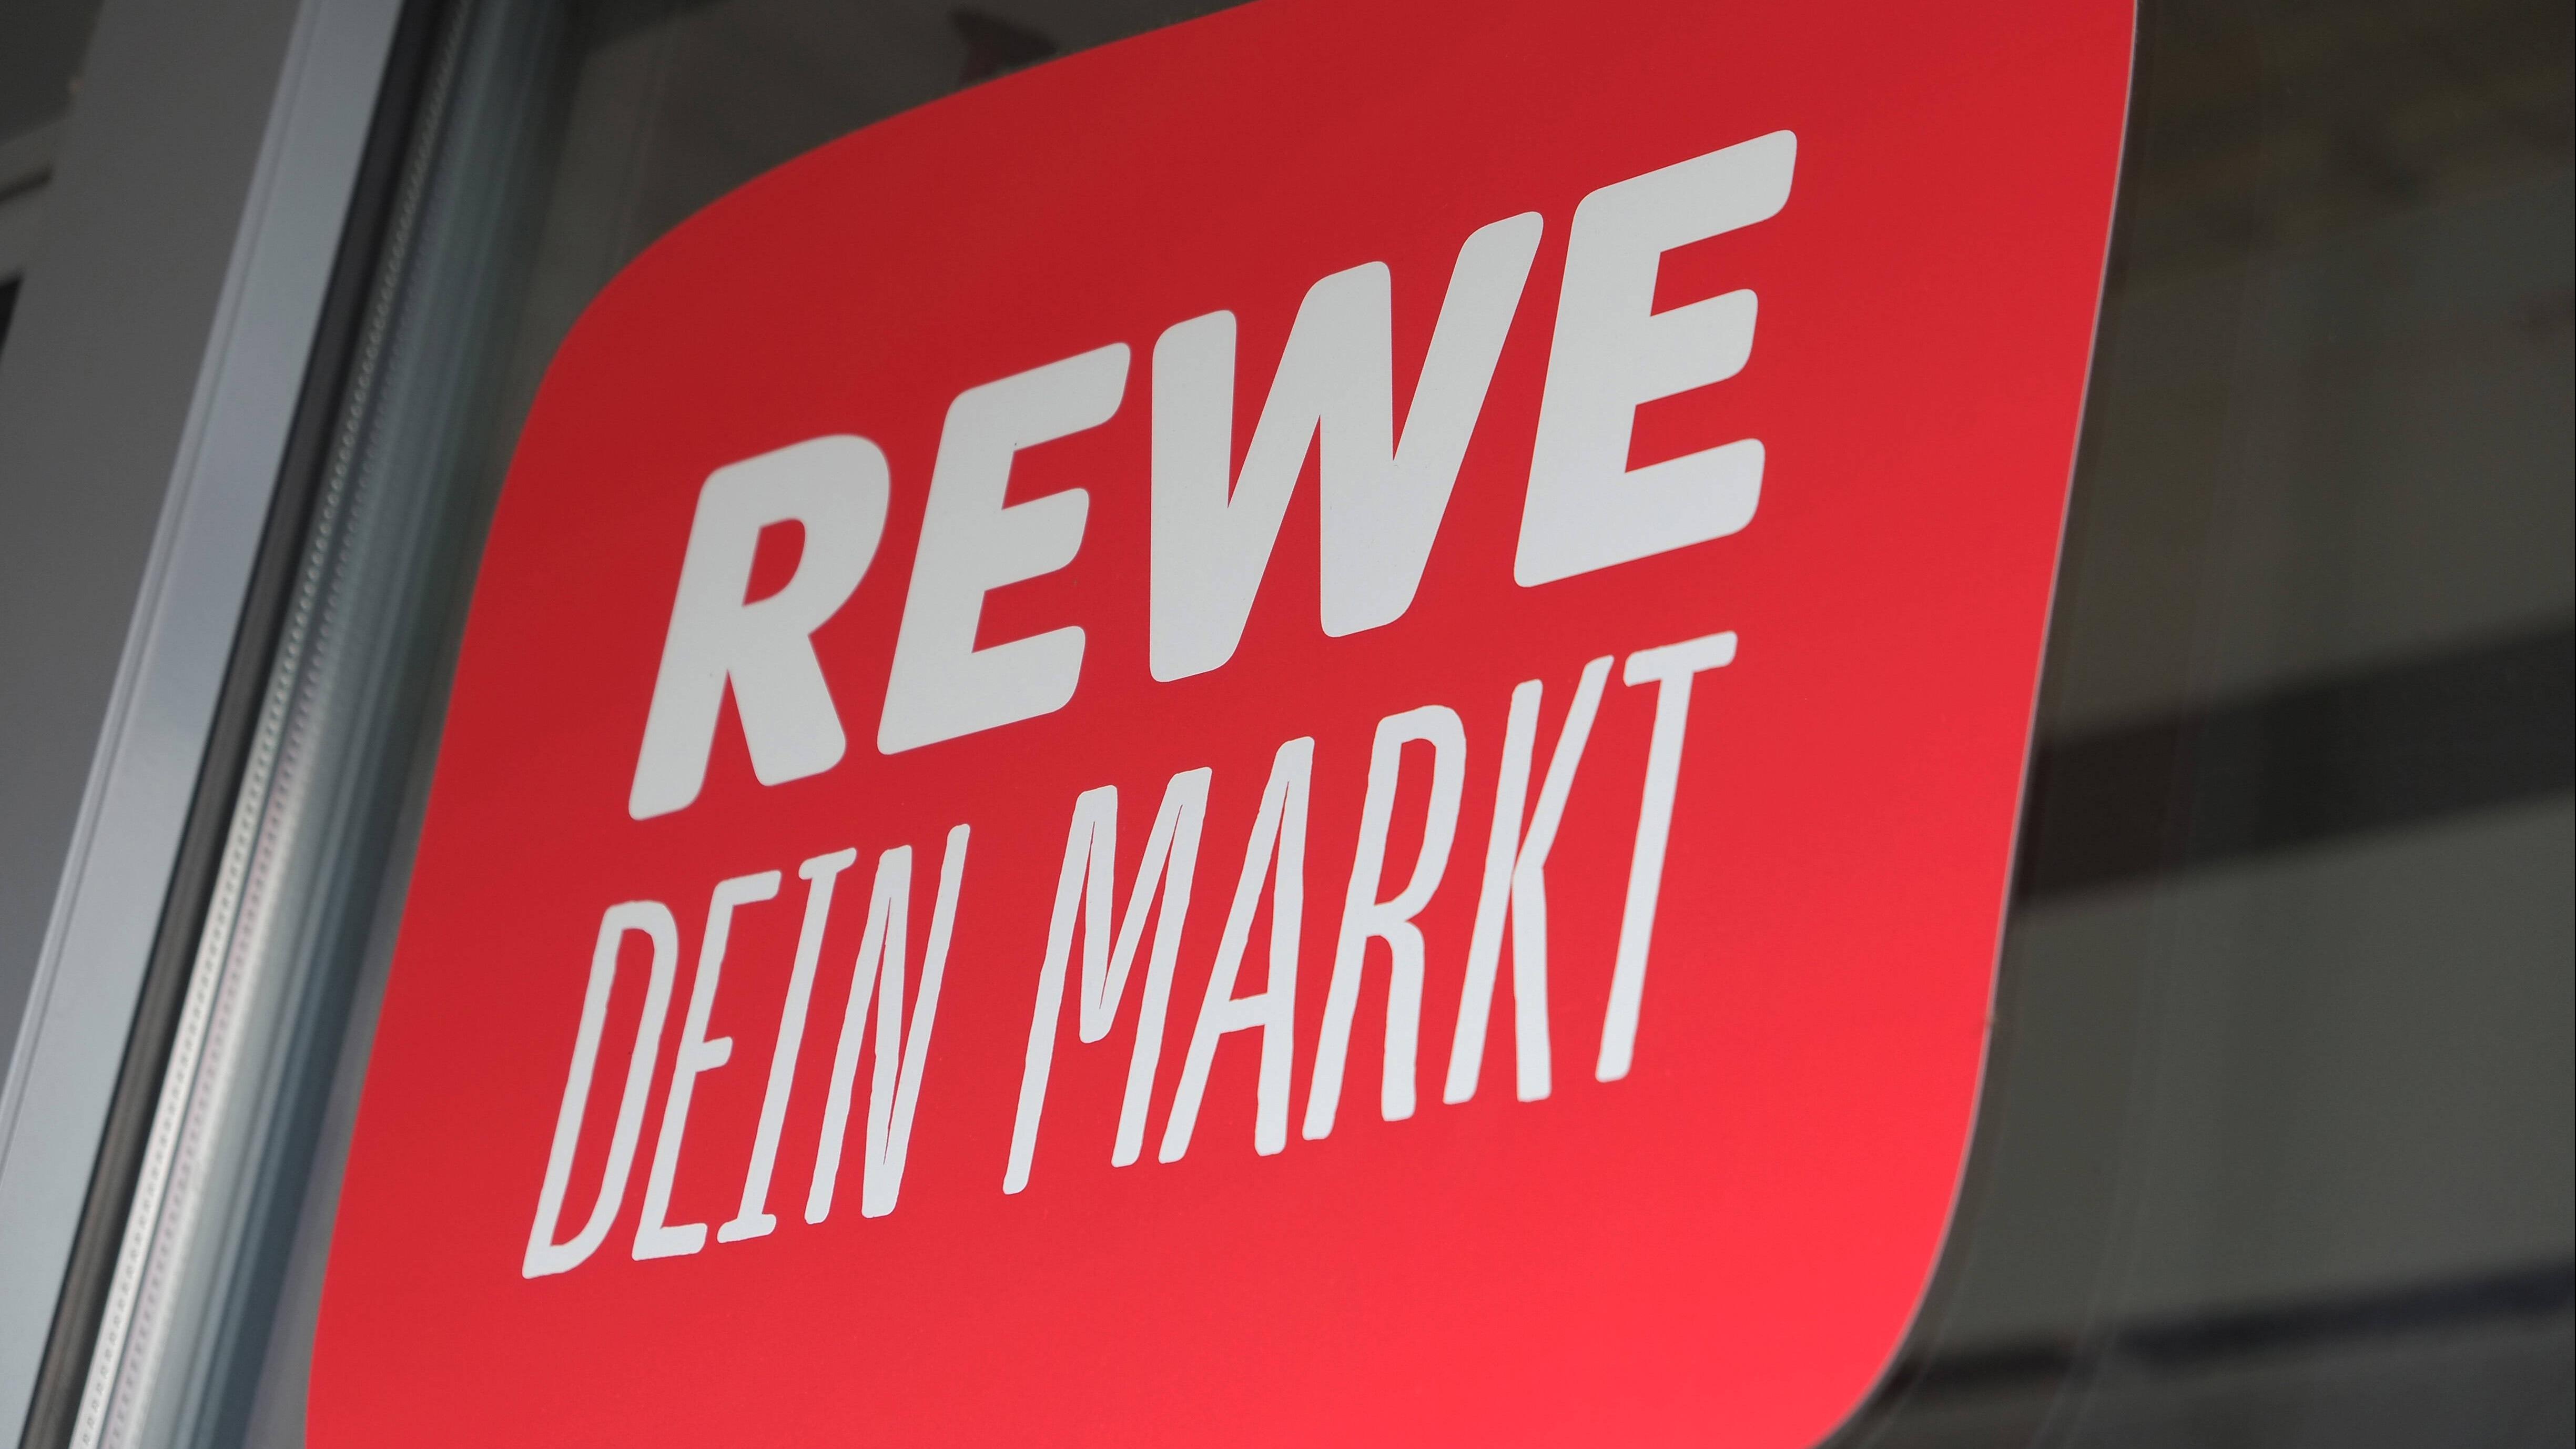 Rewe: Online-Bestellung stornieren - geht das?